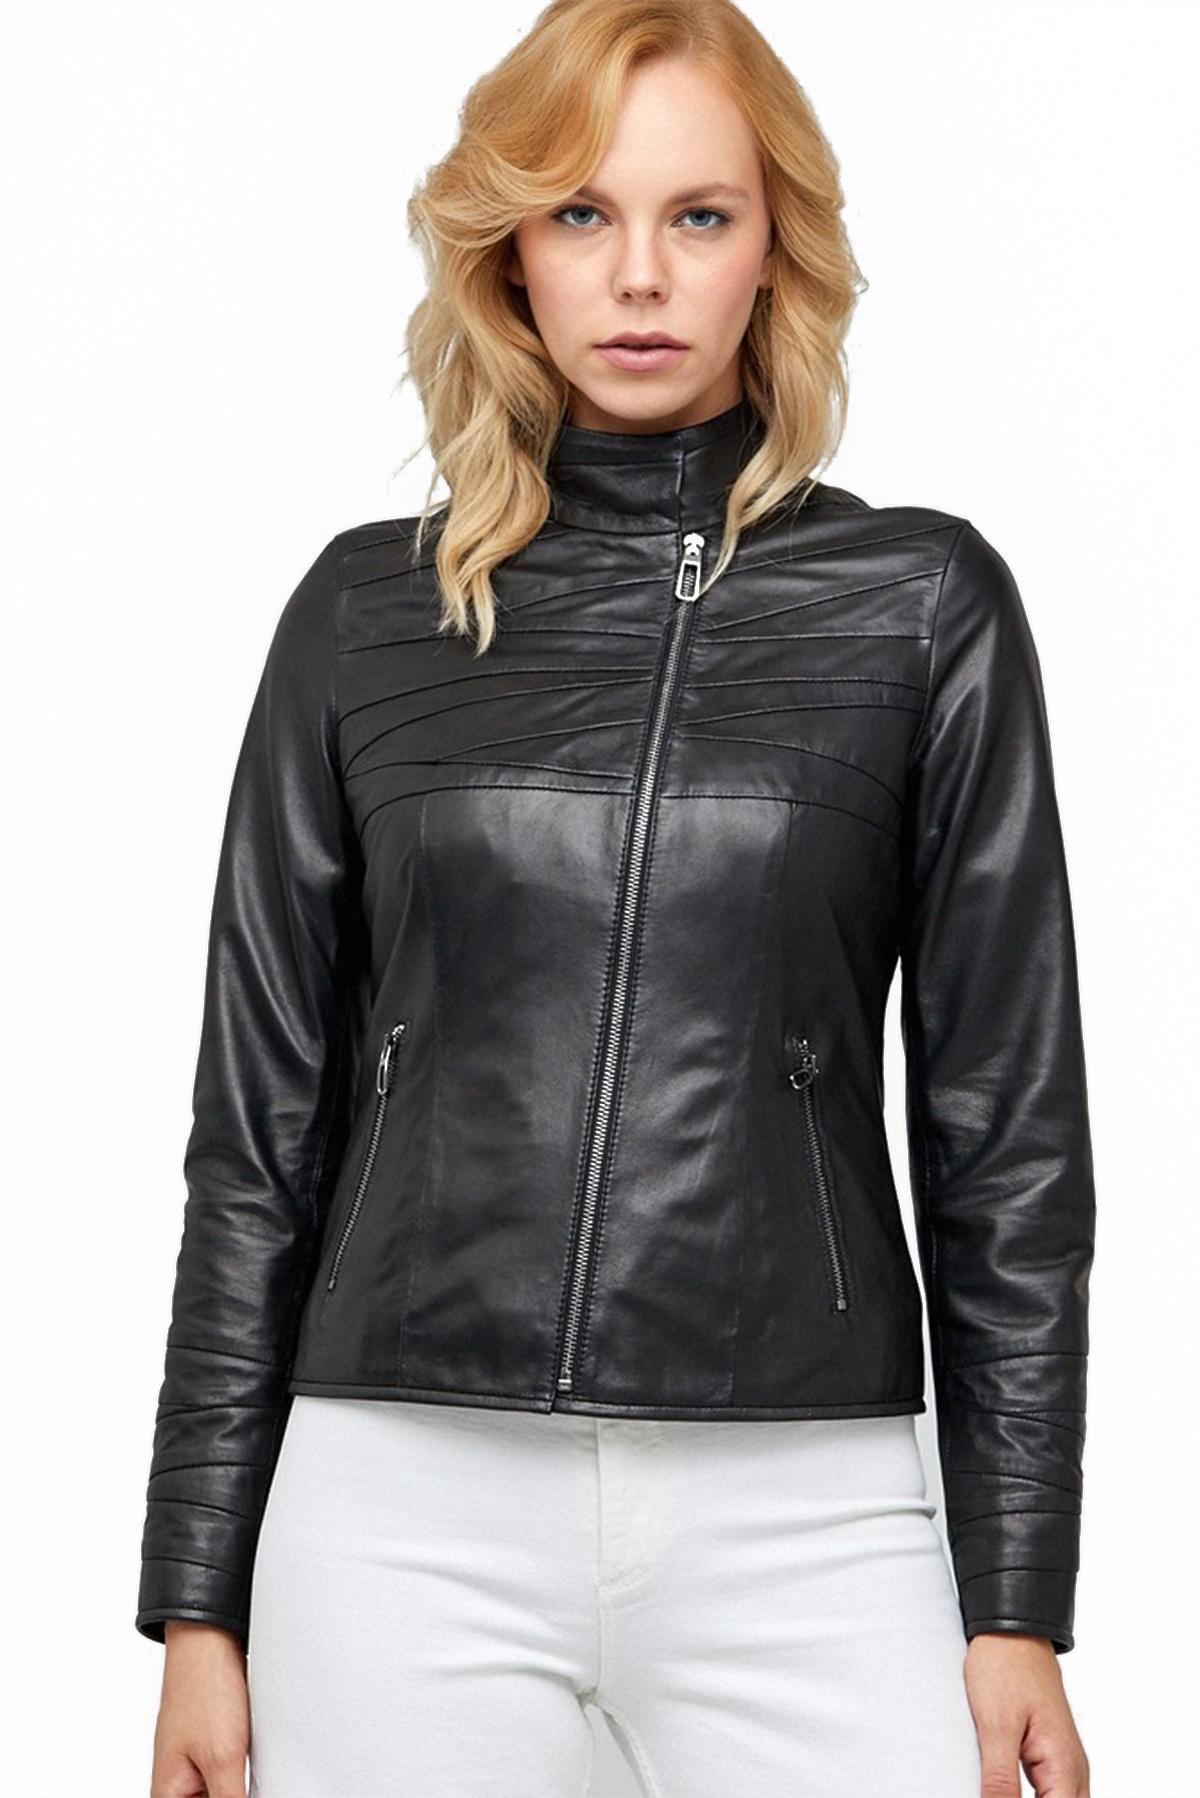 usa leather jacket company